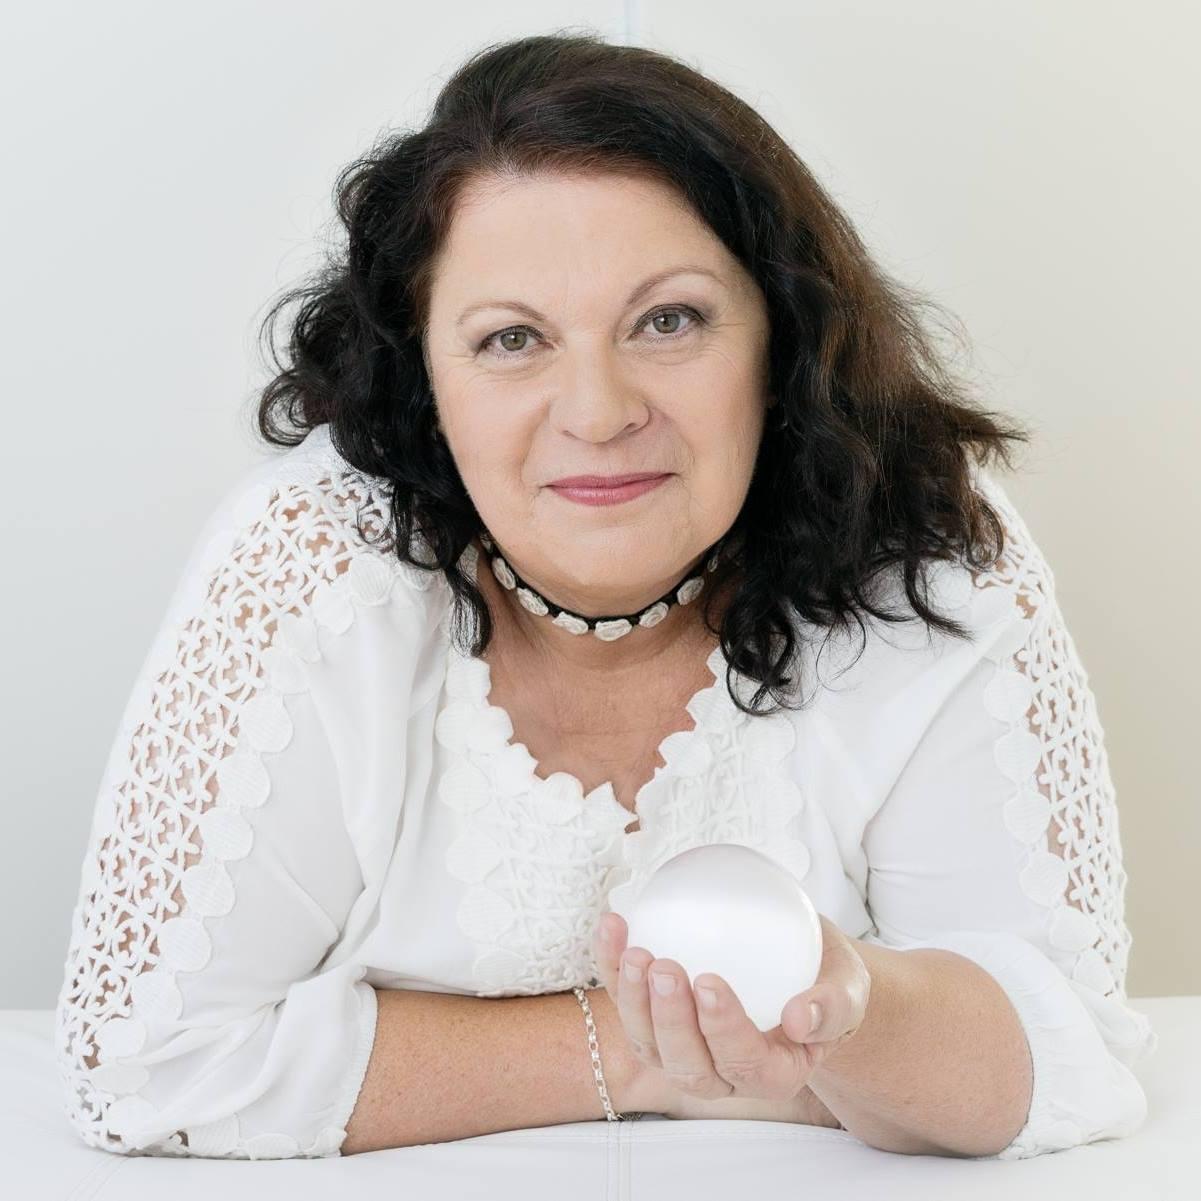 Janeen Houghton